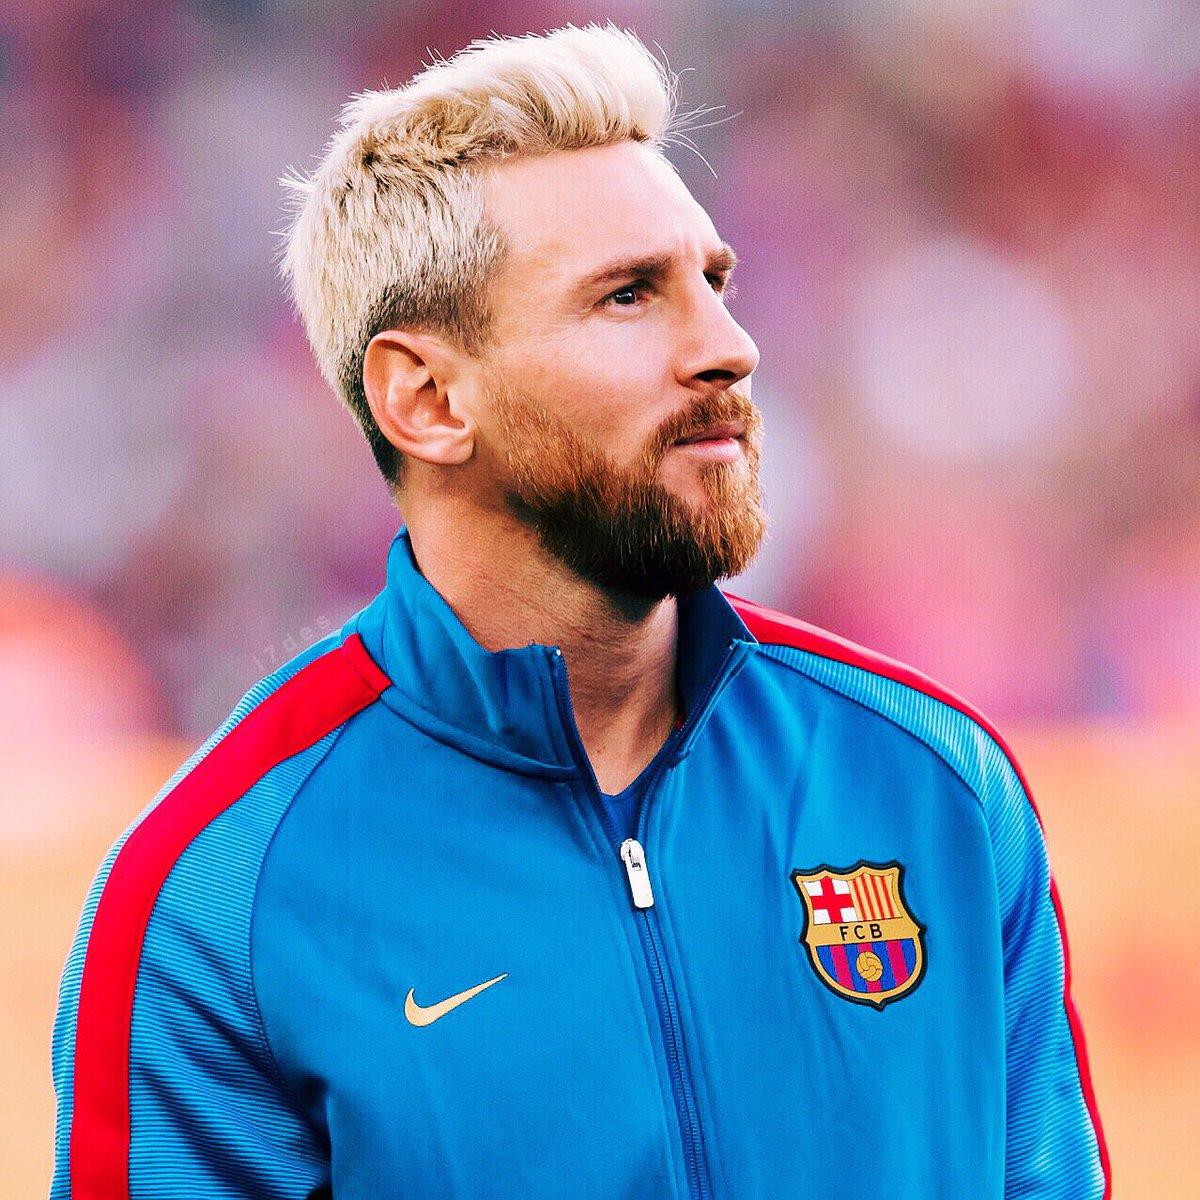 محم د على تويتر Avatar Fcbarcelona Messi Pique